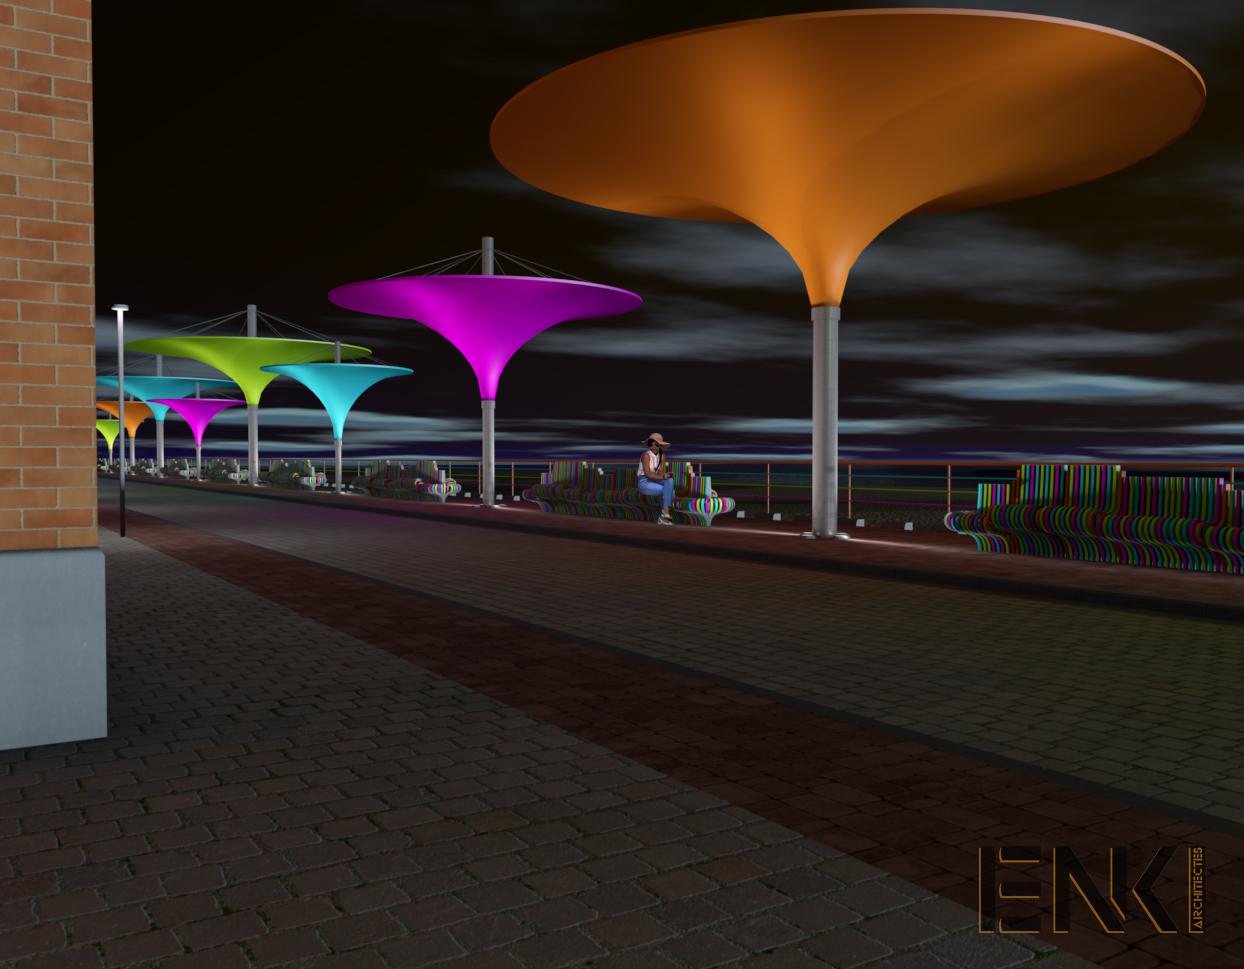 ENKI - MOBILIER URBAIN- préau plage couleur fashy - Image2